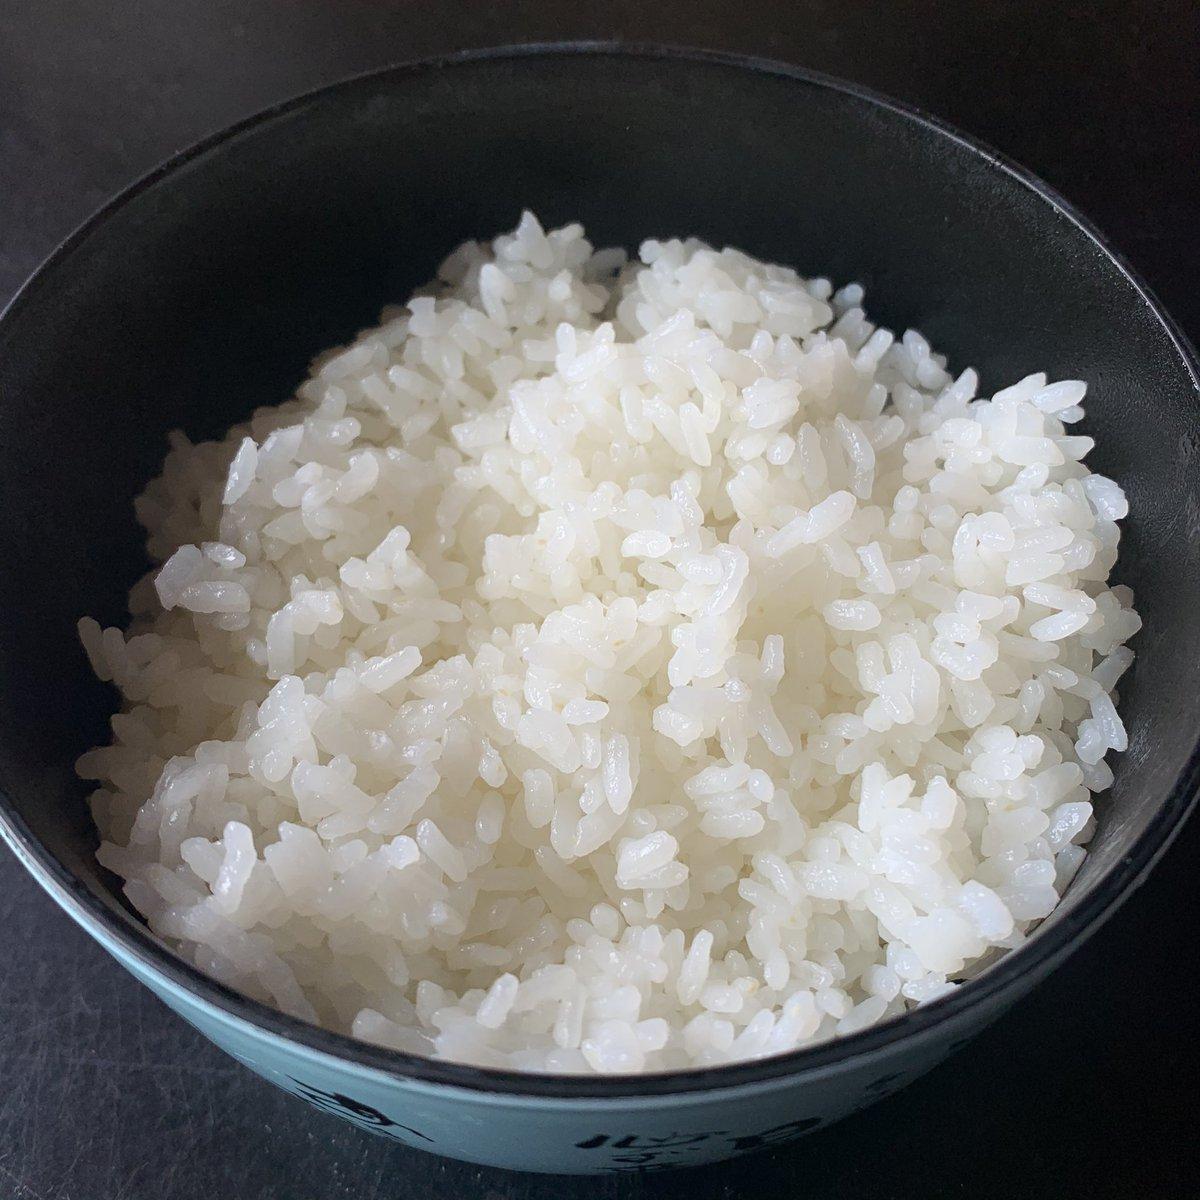 ①ほかほかの白ごはんを用意します②やみつき大葉をたっぷり乗せます③キムチをトッピングします④納豆の台座に卵黄が鎮座ましませば完成です💡やみつき大葉の醤油漬けの作り方💡